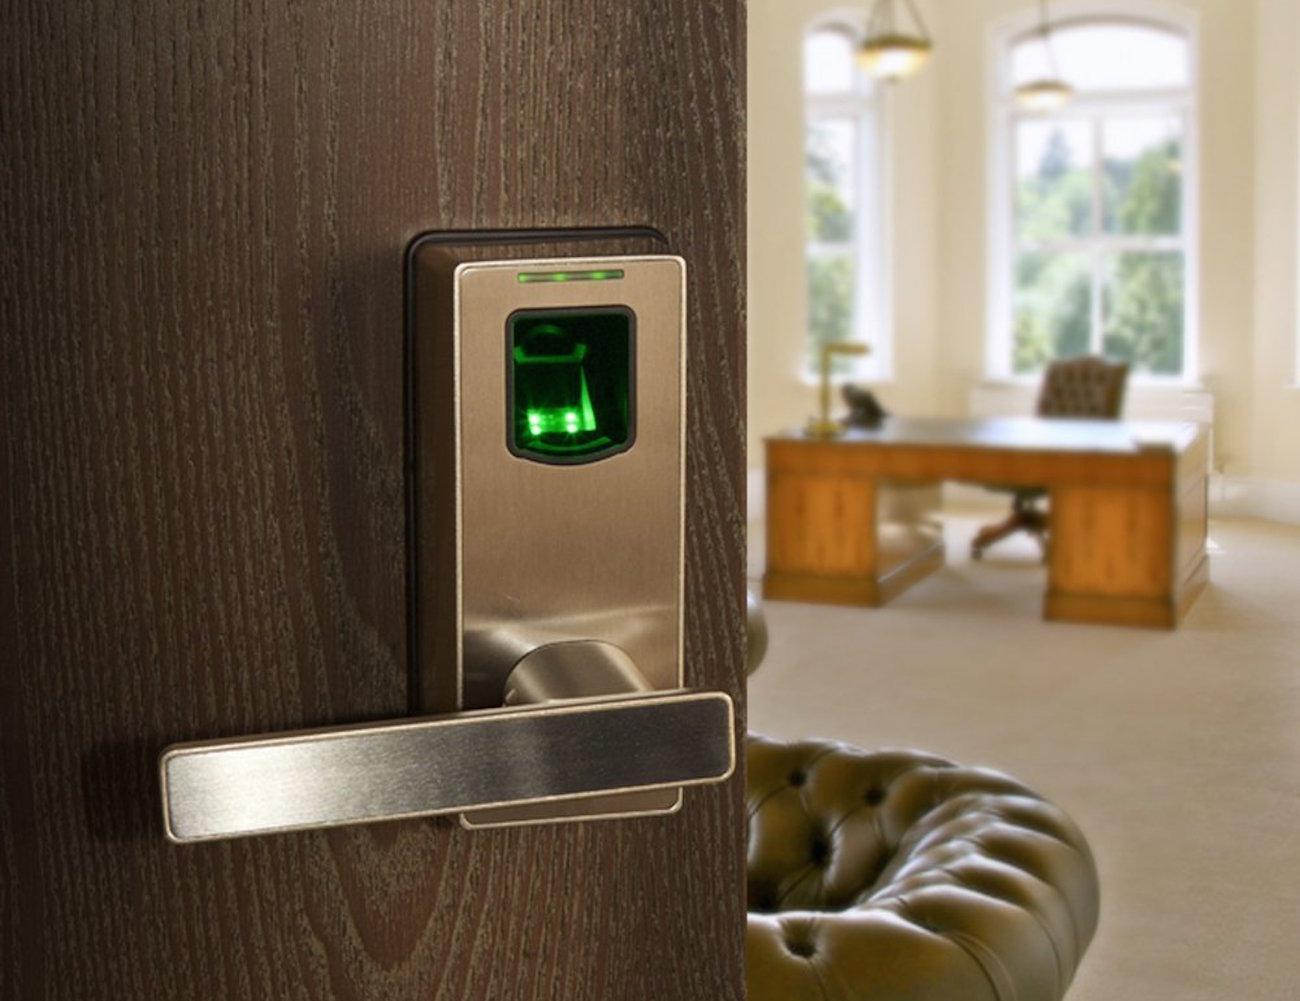 Biometric Fingerprint Lock By Uguardian 187 Review